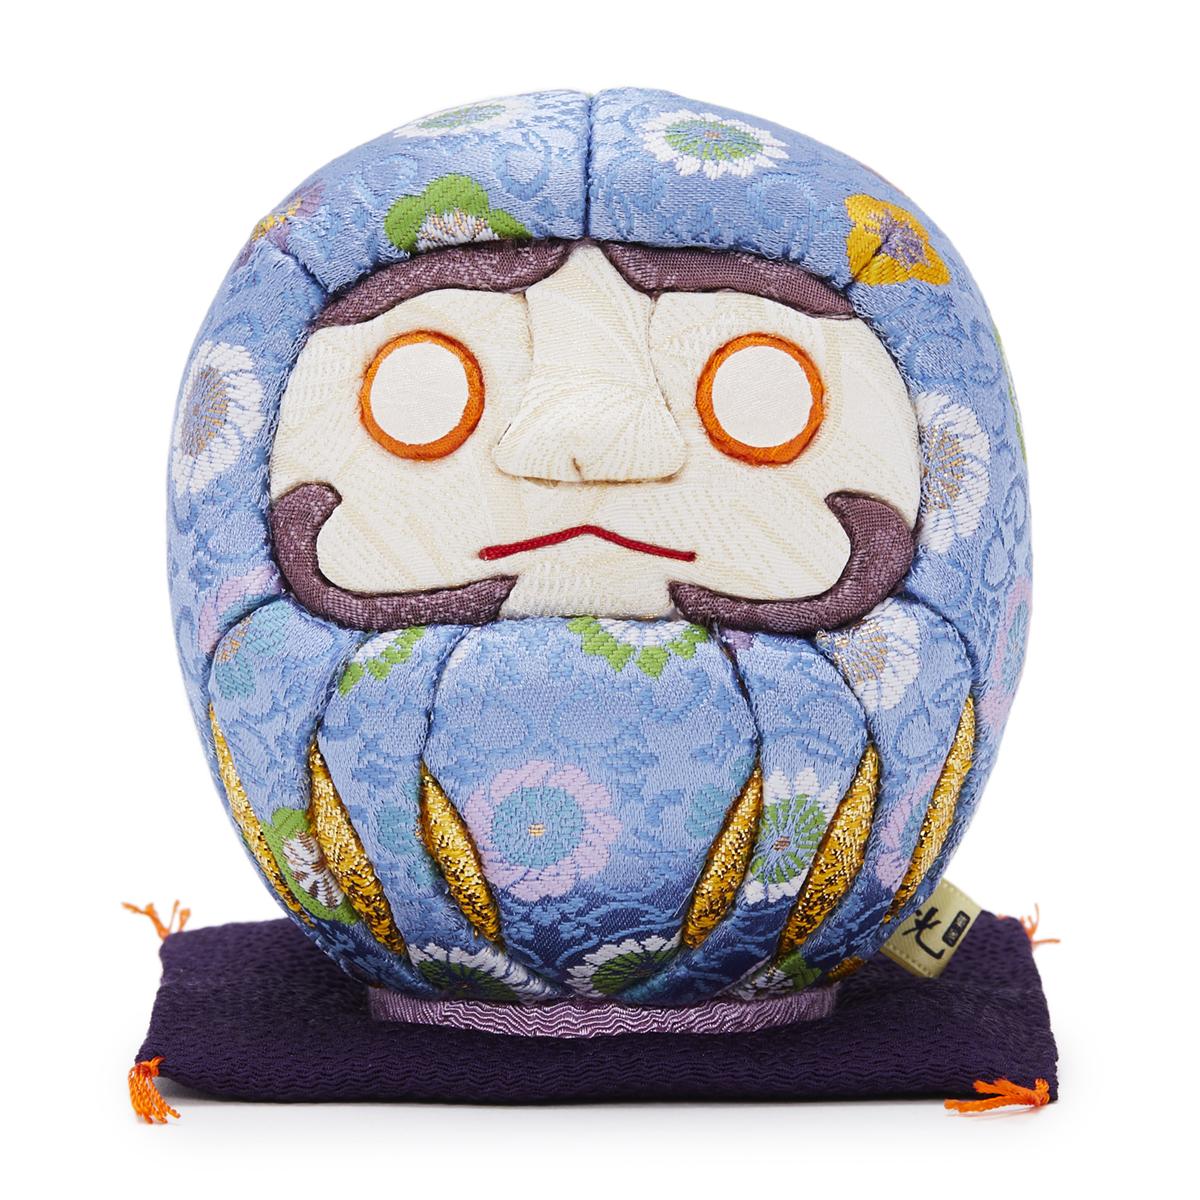 伝統の木目込み技術とモダンデザインが出逢った願掛けだるま 友禅染め・青|柿沼人形